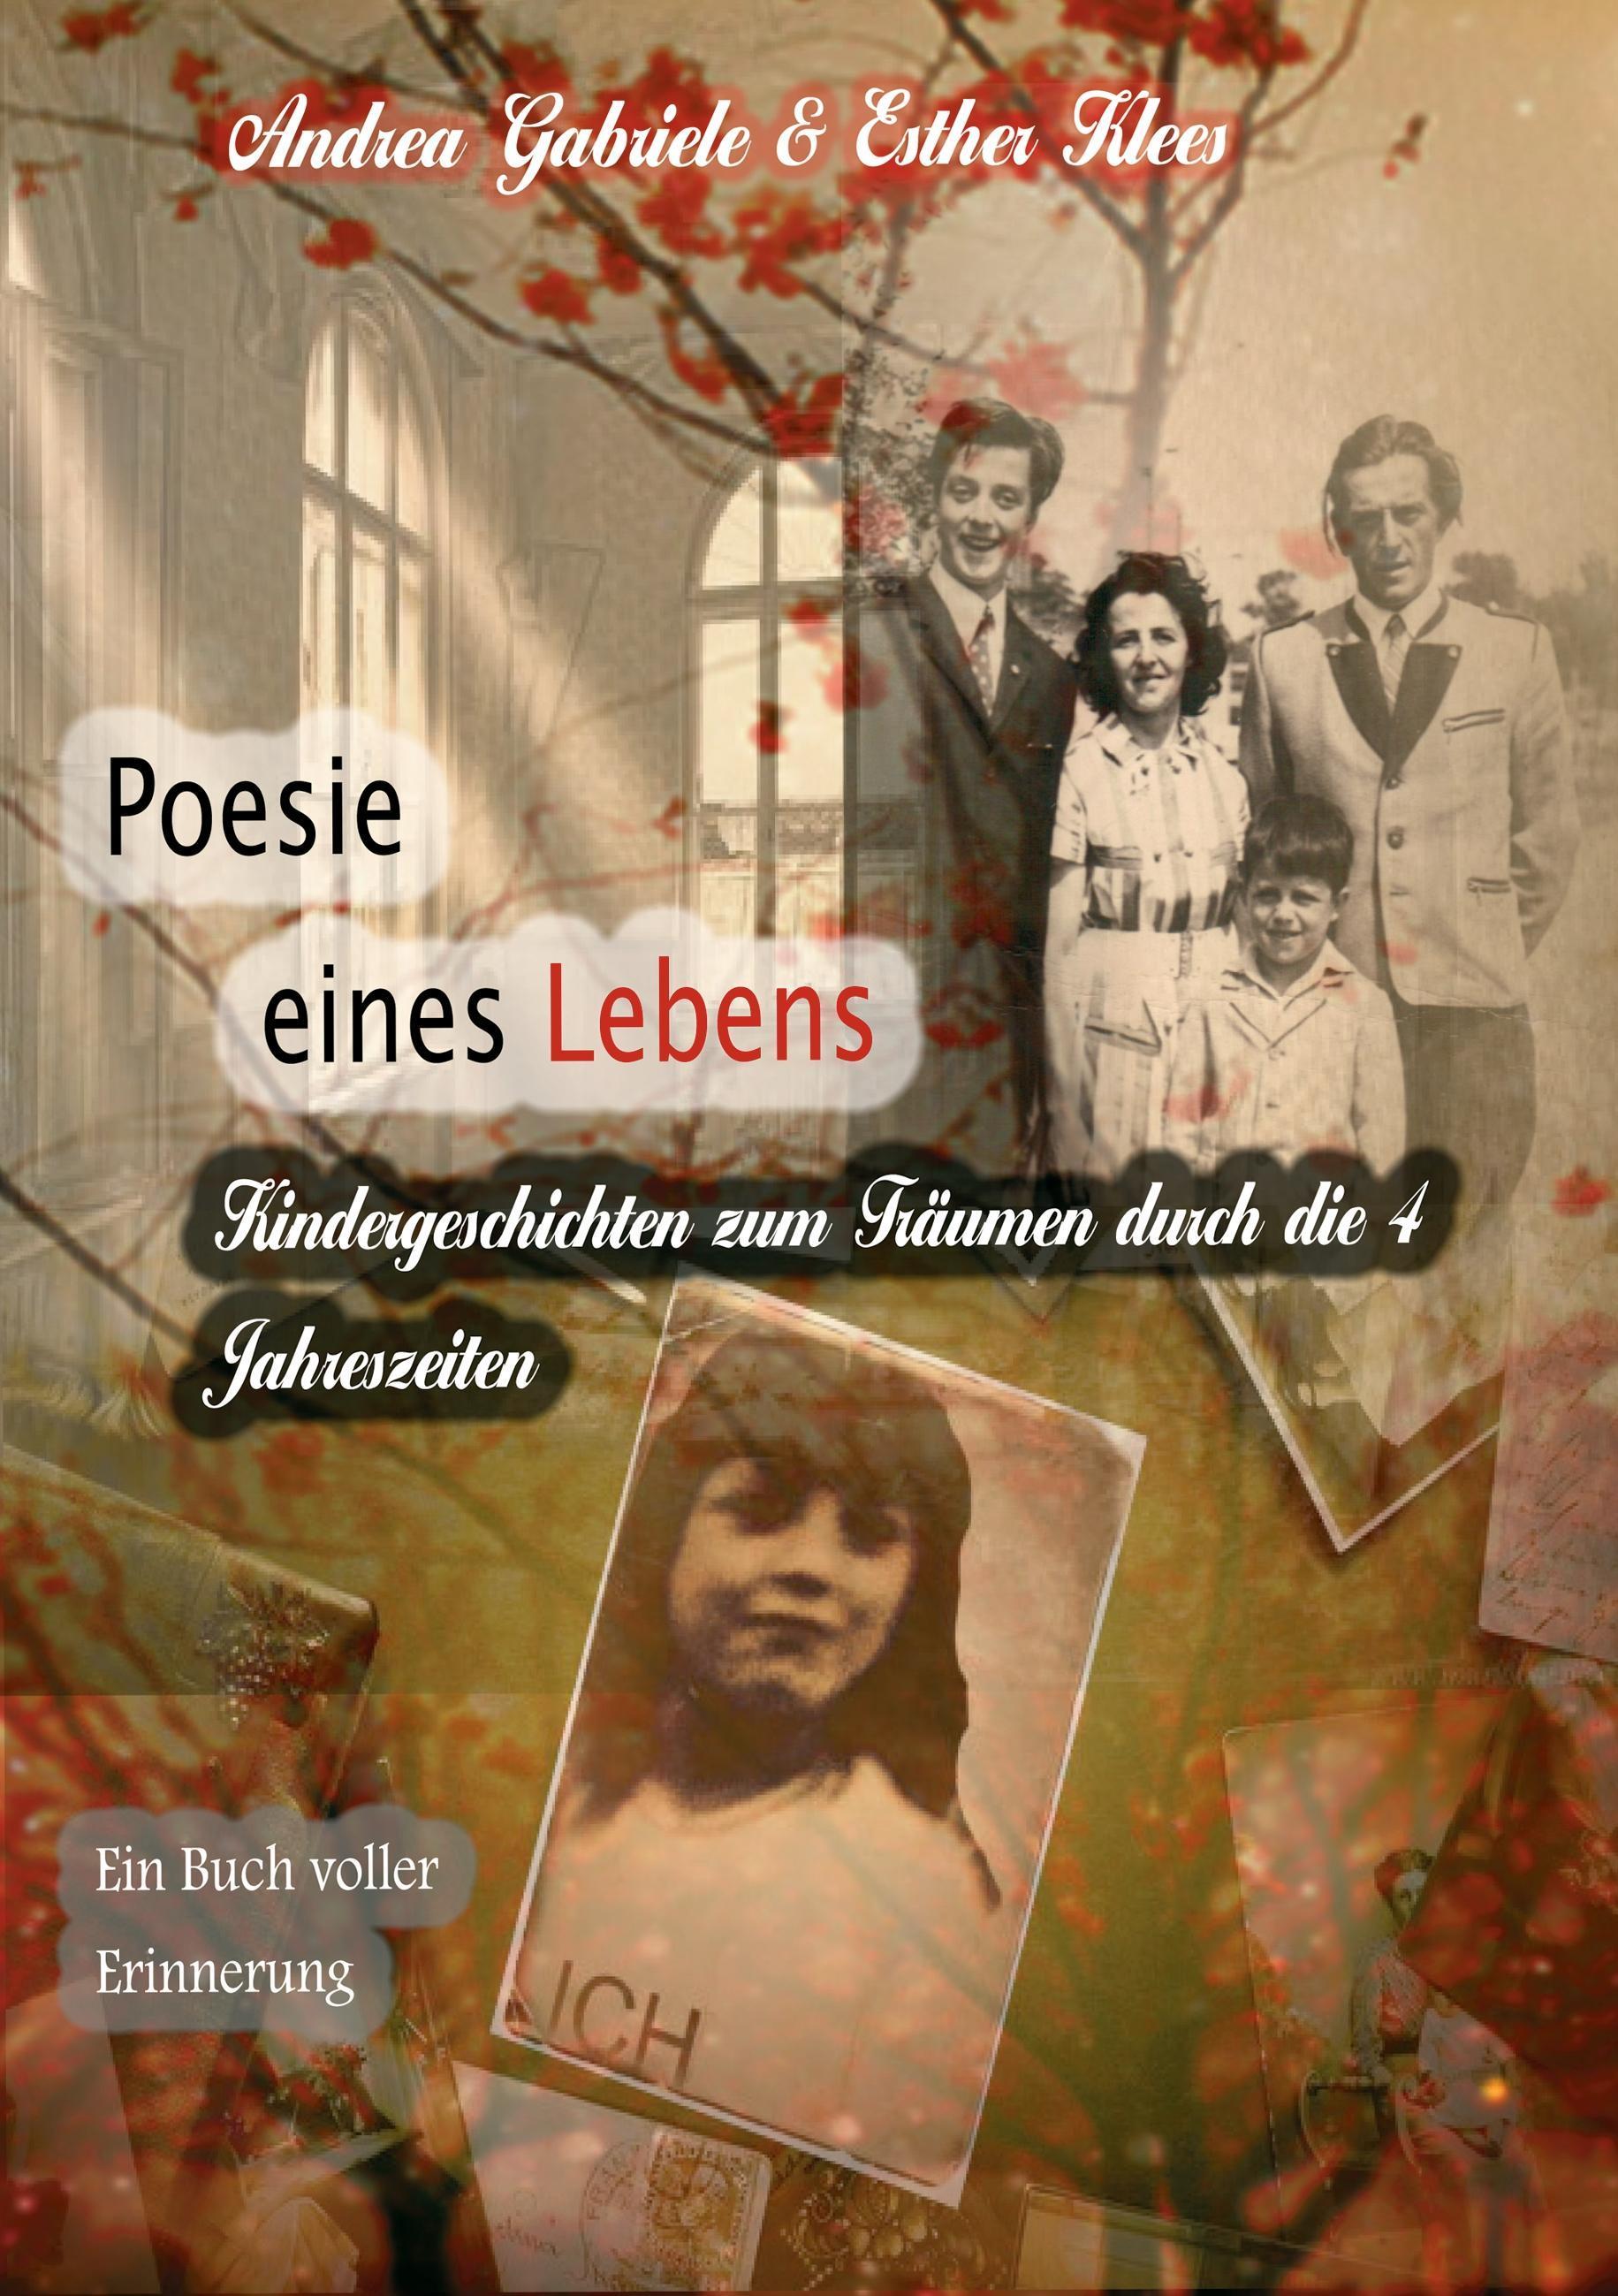 Poesie eines Lebens. Kindergeschichten zum Träumen durch die 4 J